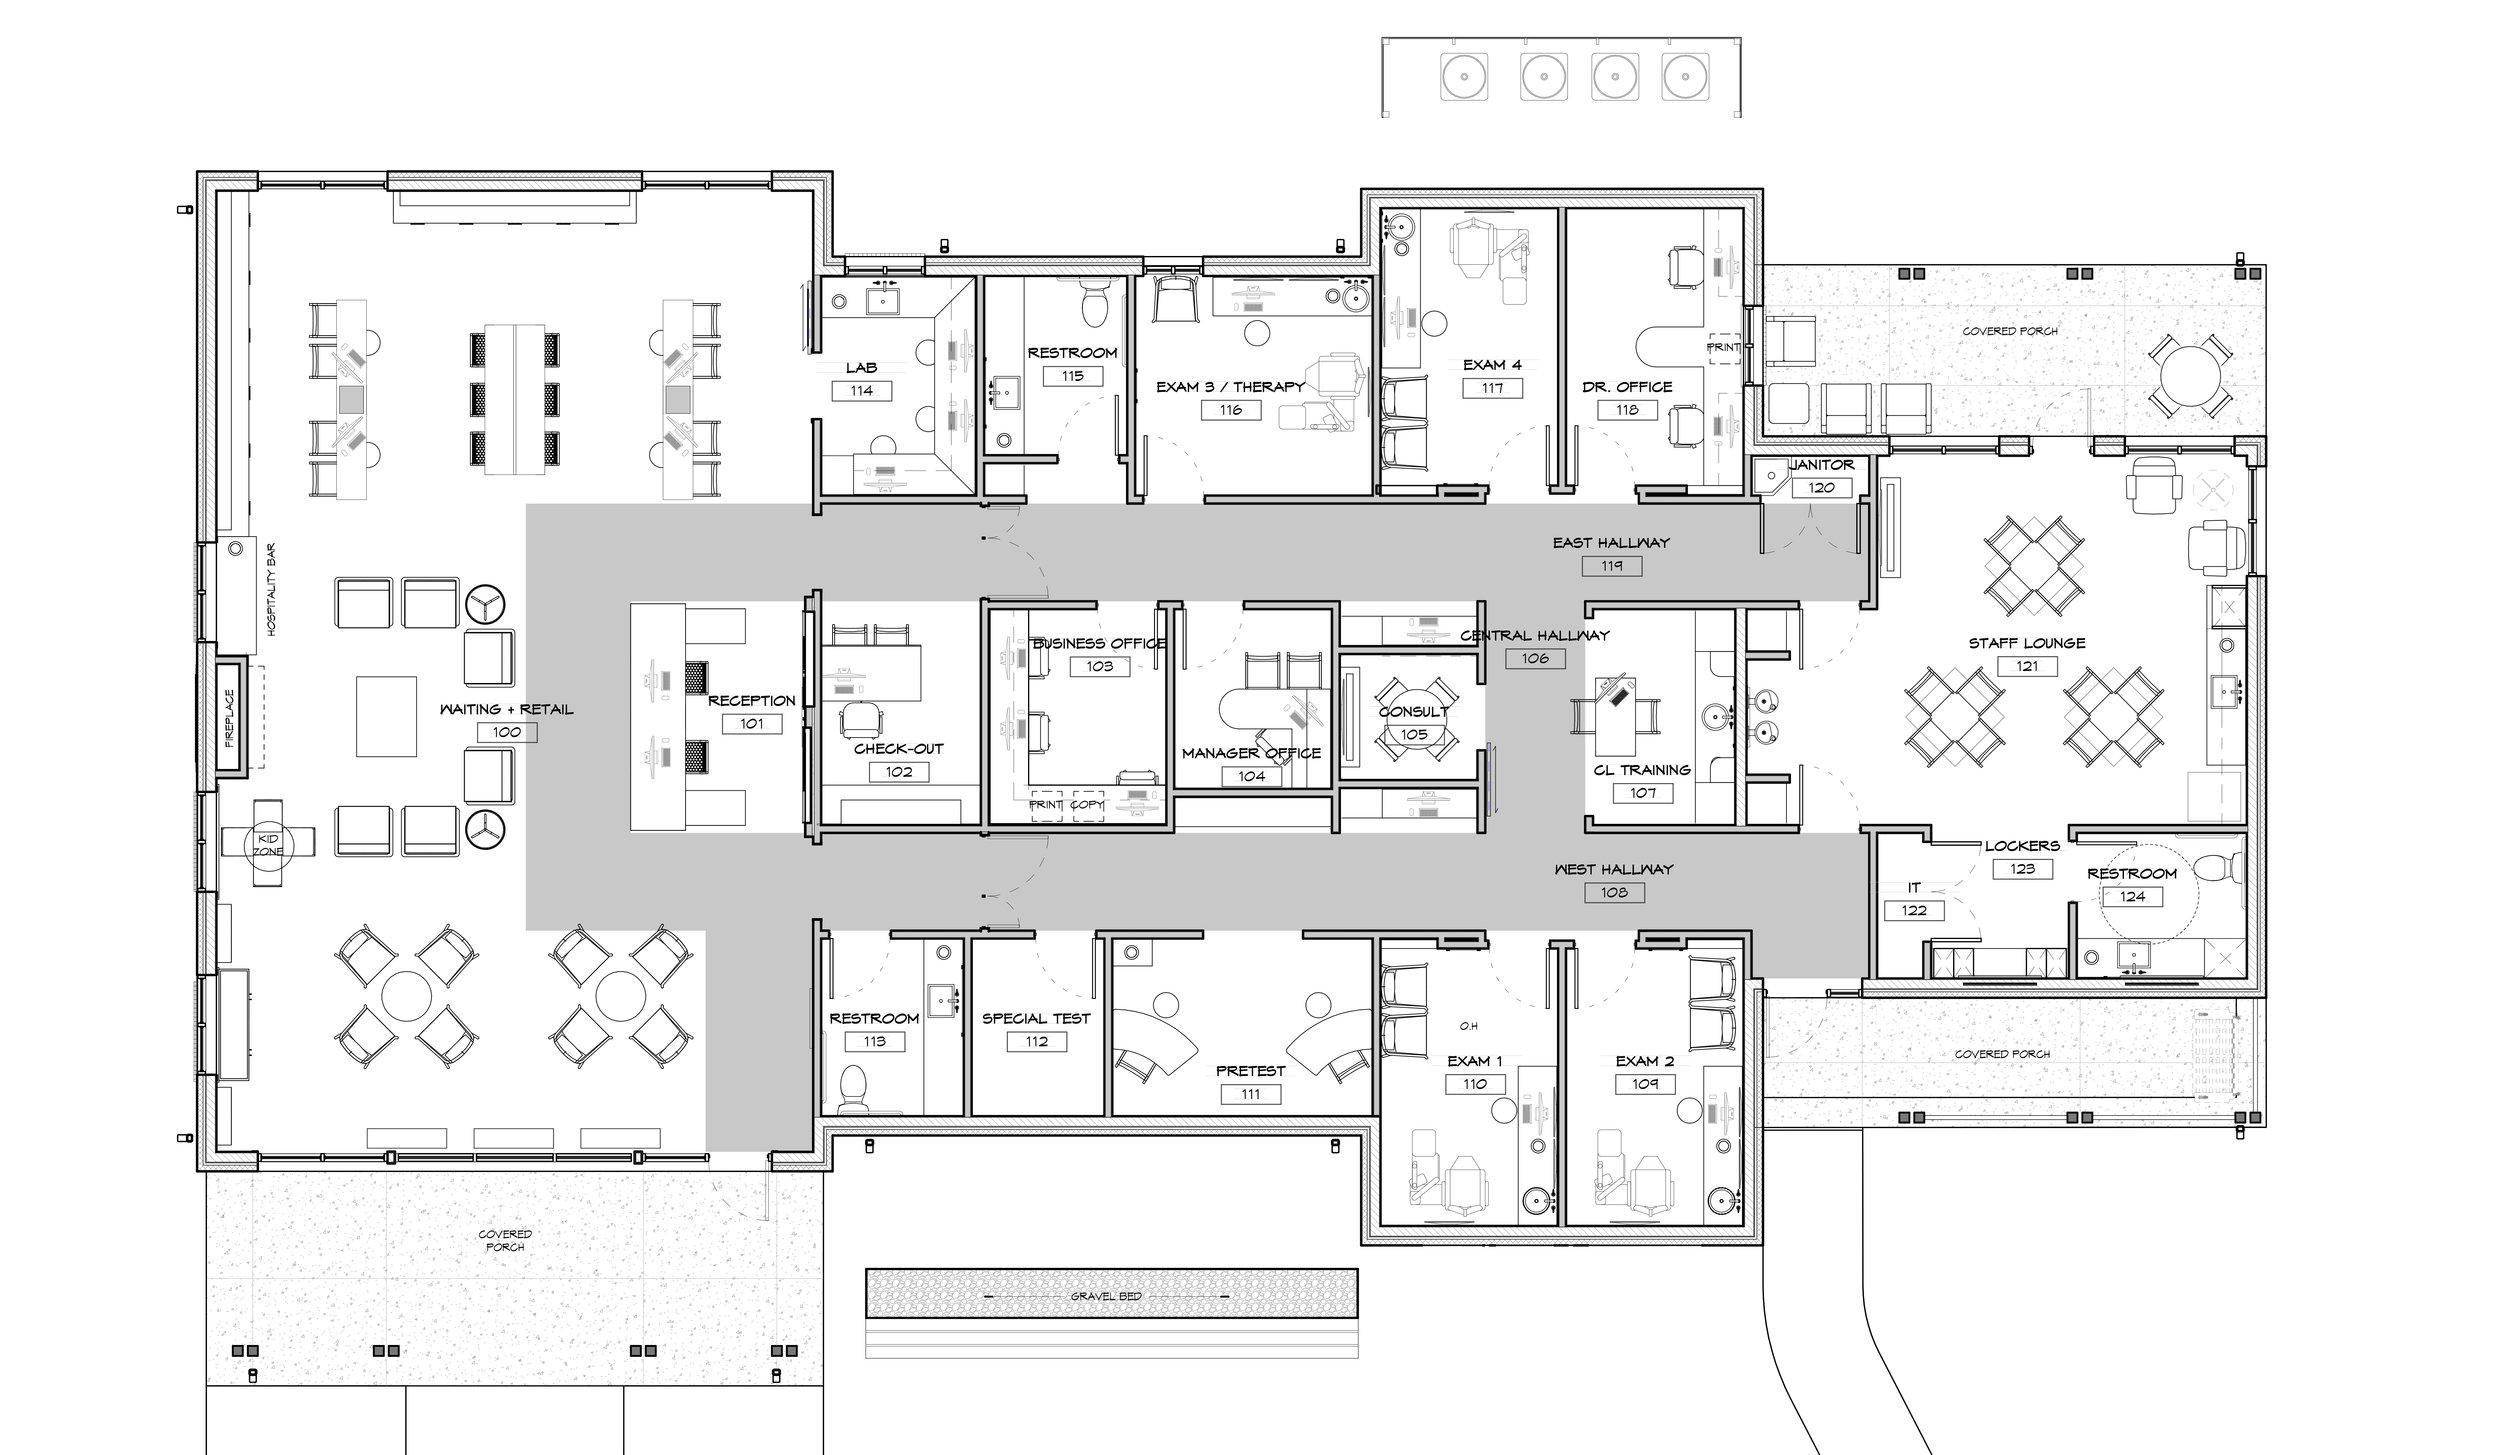 180606_McGee_Floor Plan.jpg